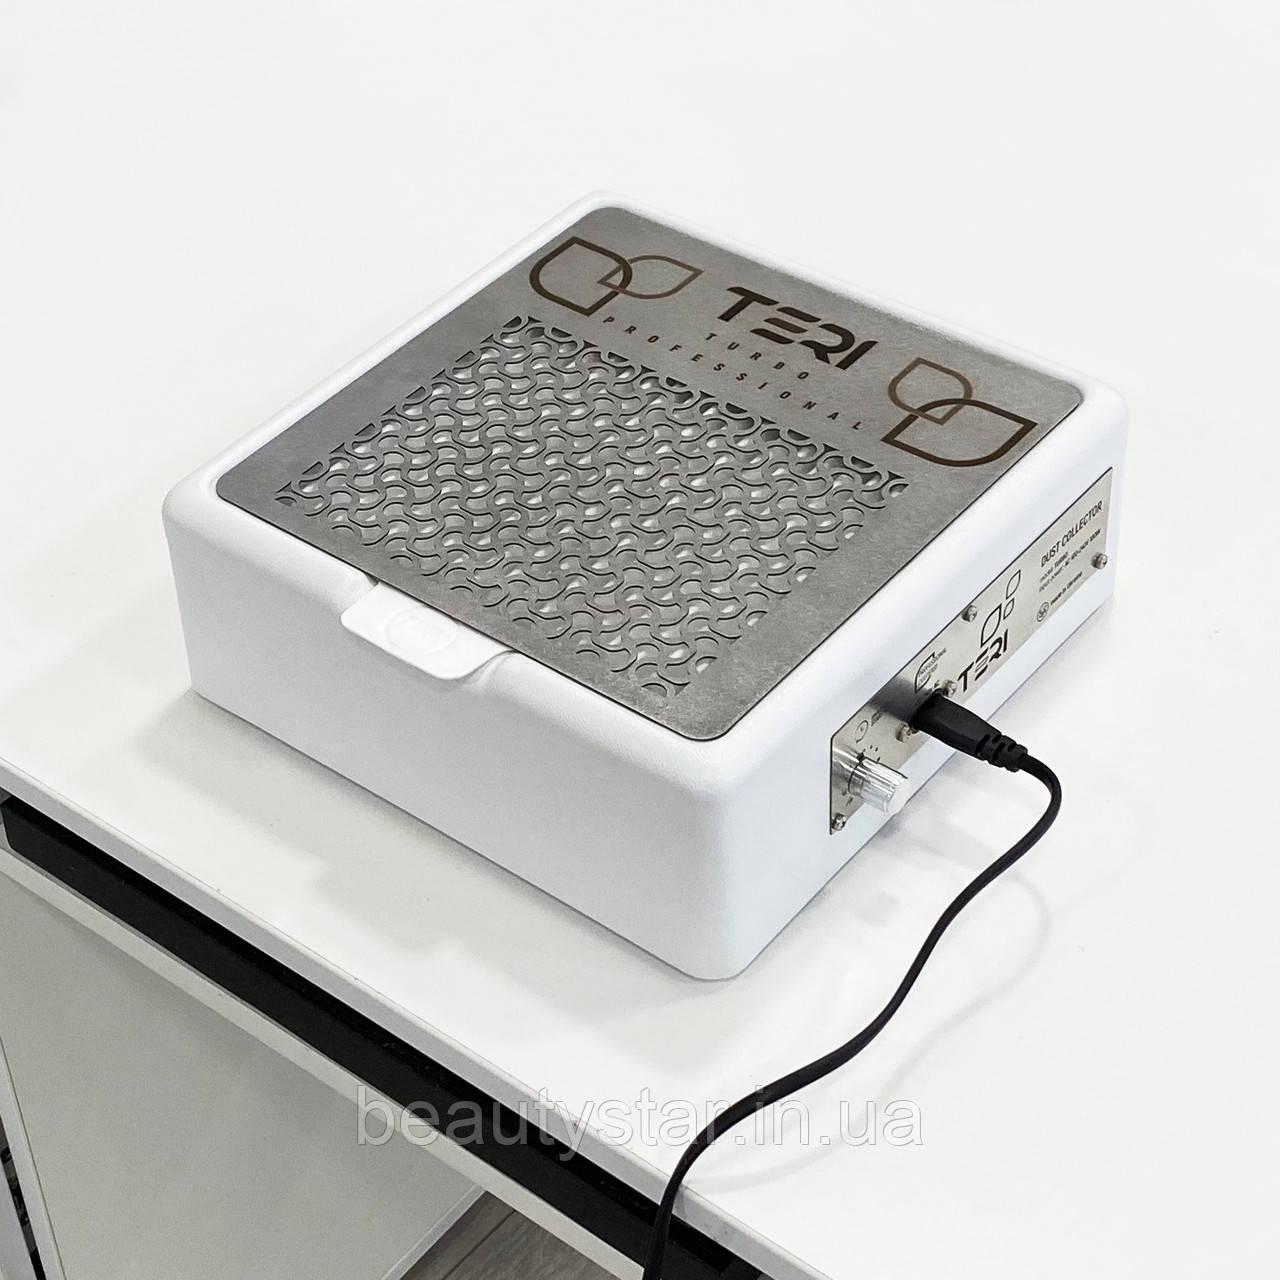 Настольная вытяжка пылесос для маникюра педикюра  Teri Turbo M маникюрная вытяжка с HEPA фильтром